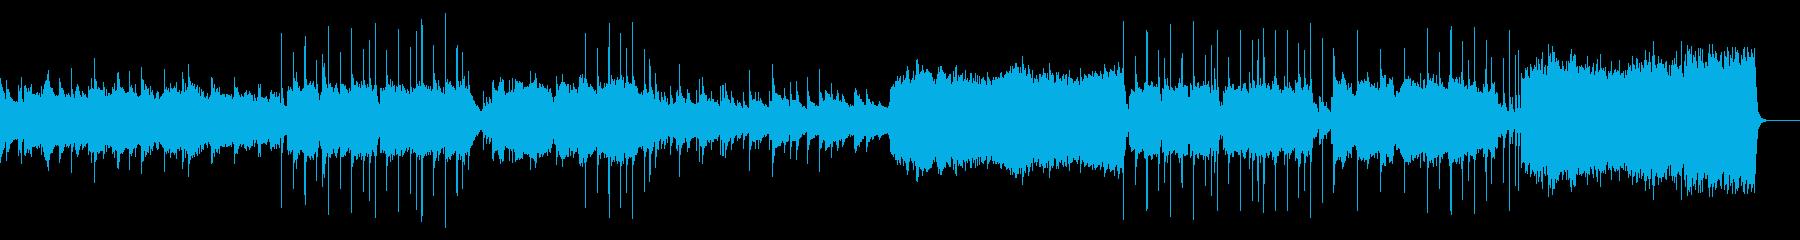 爽やかなイメージのバラードポップスの再生済みの波形